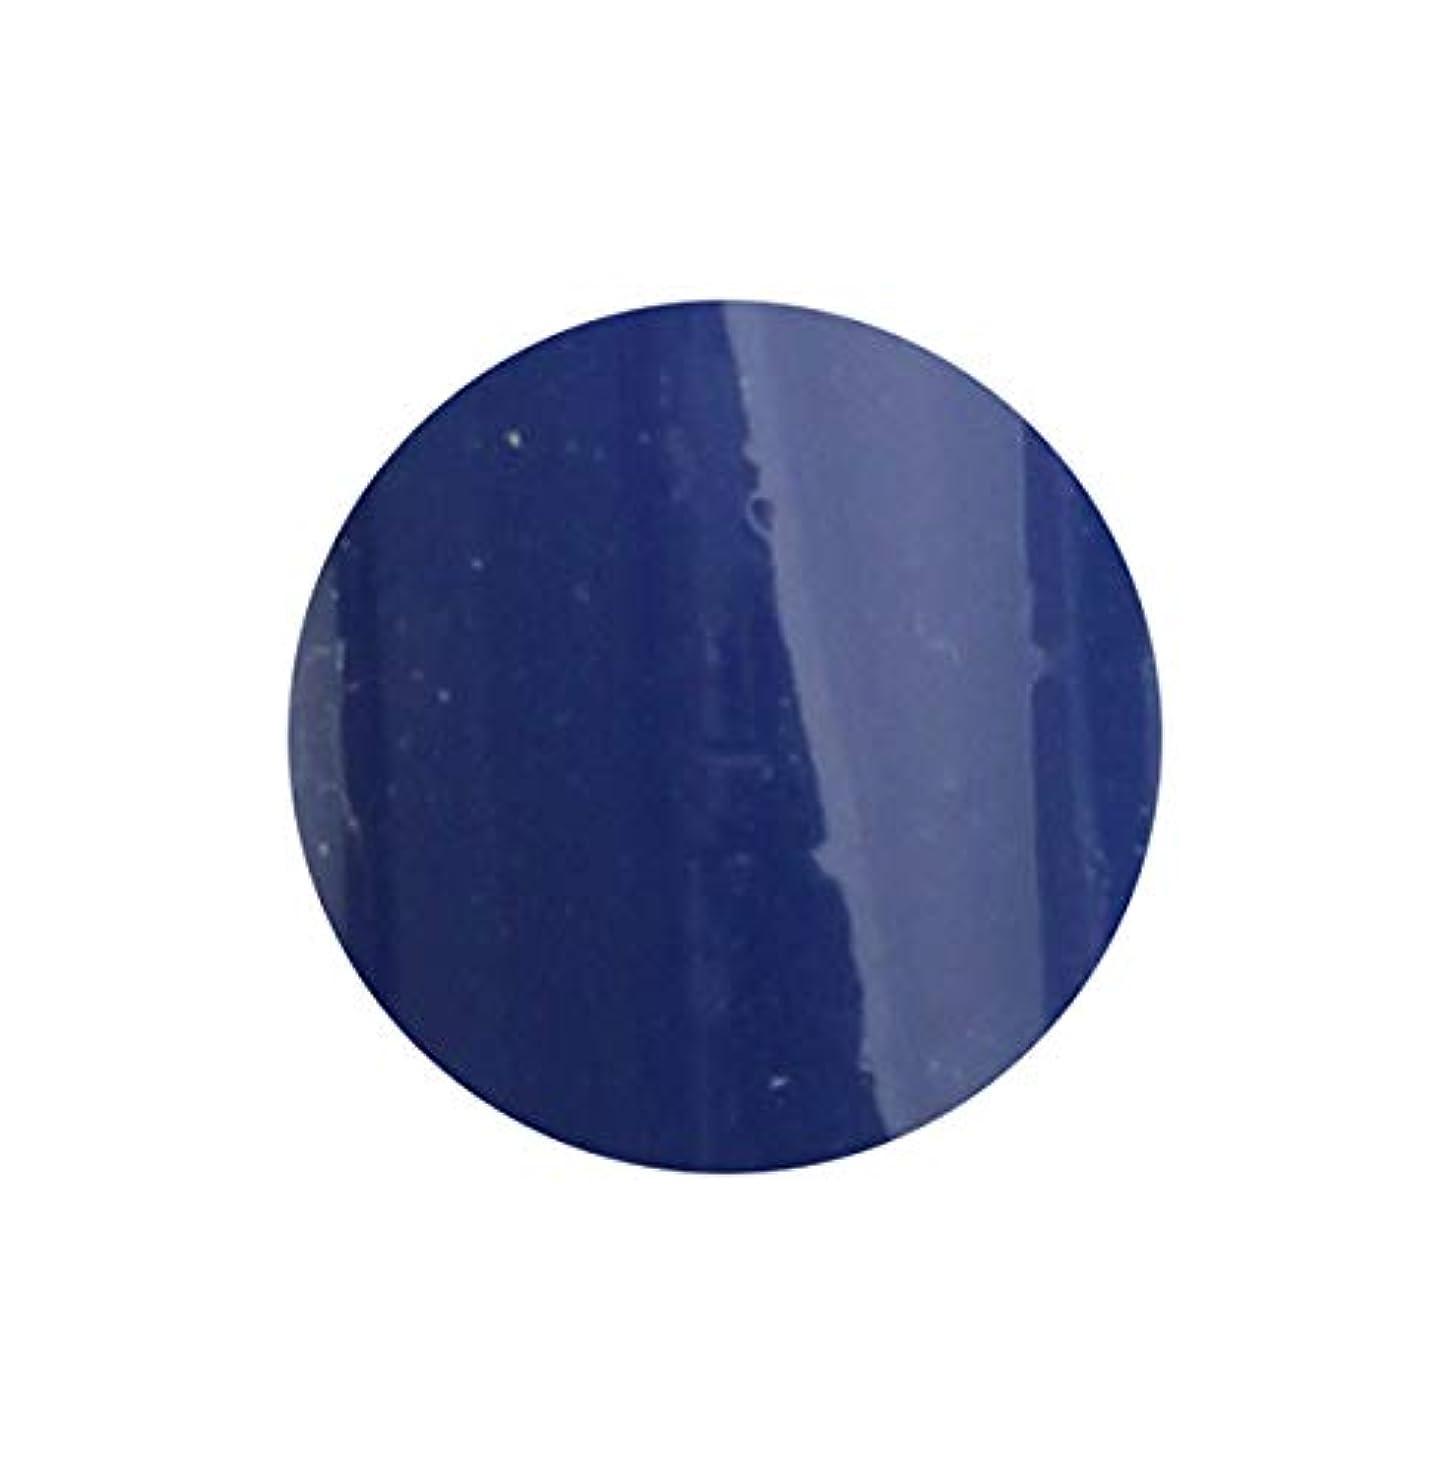 とナラーバー弱まるSHAREYDVA シャレドワ+ ネイルカラー No.34 ロイヤルブルー